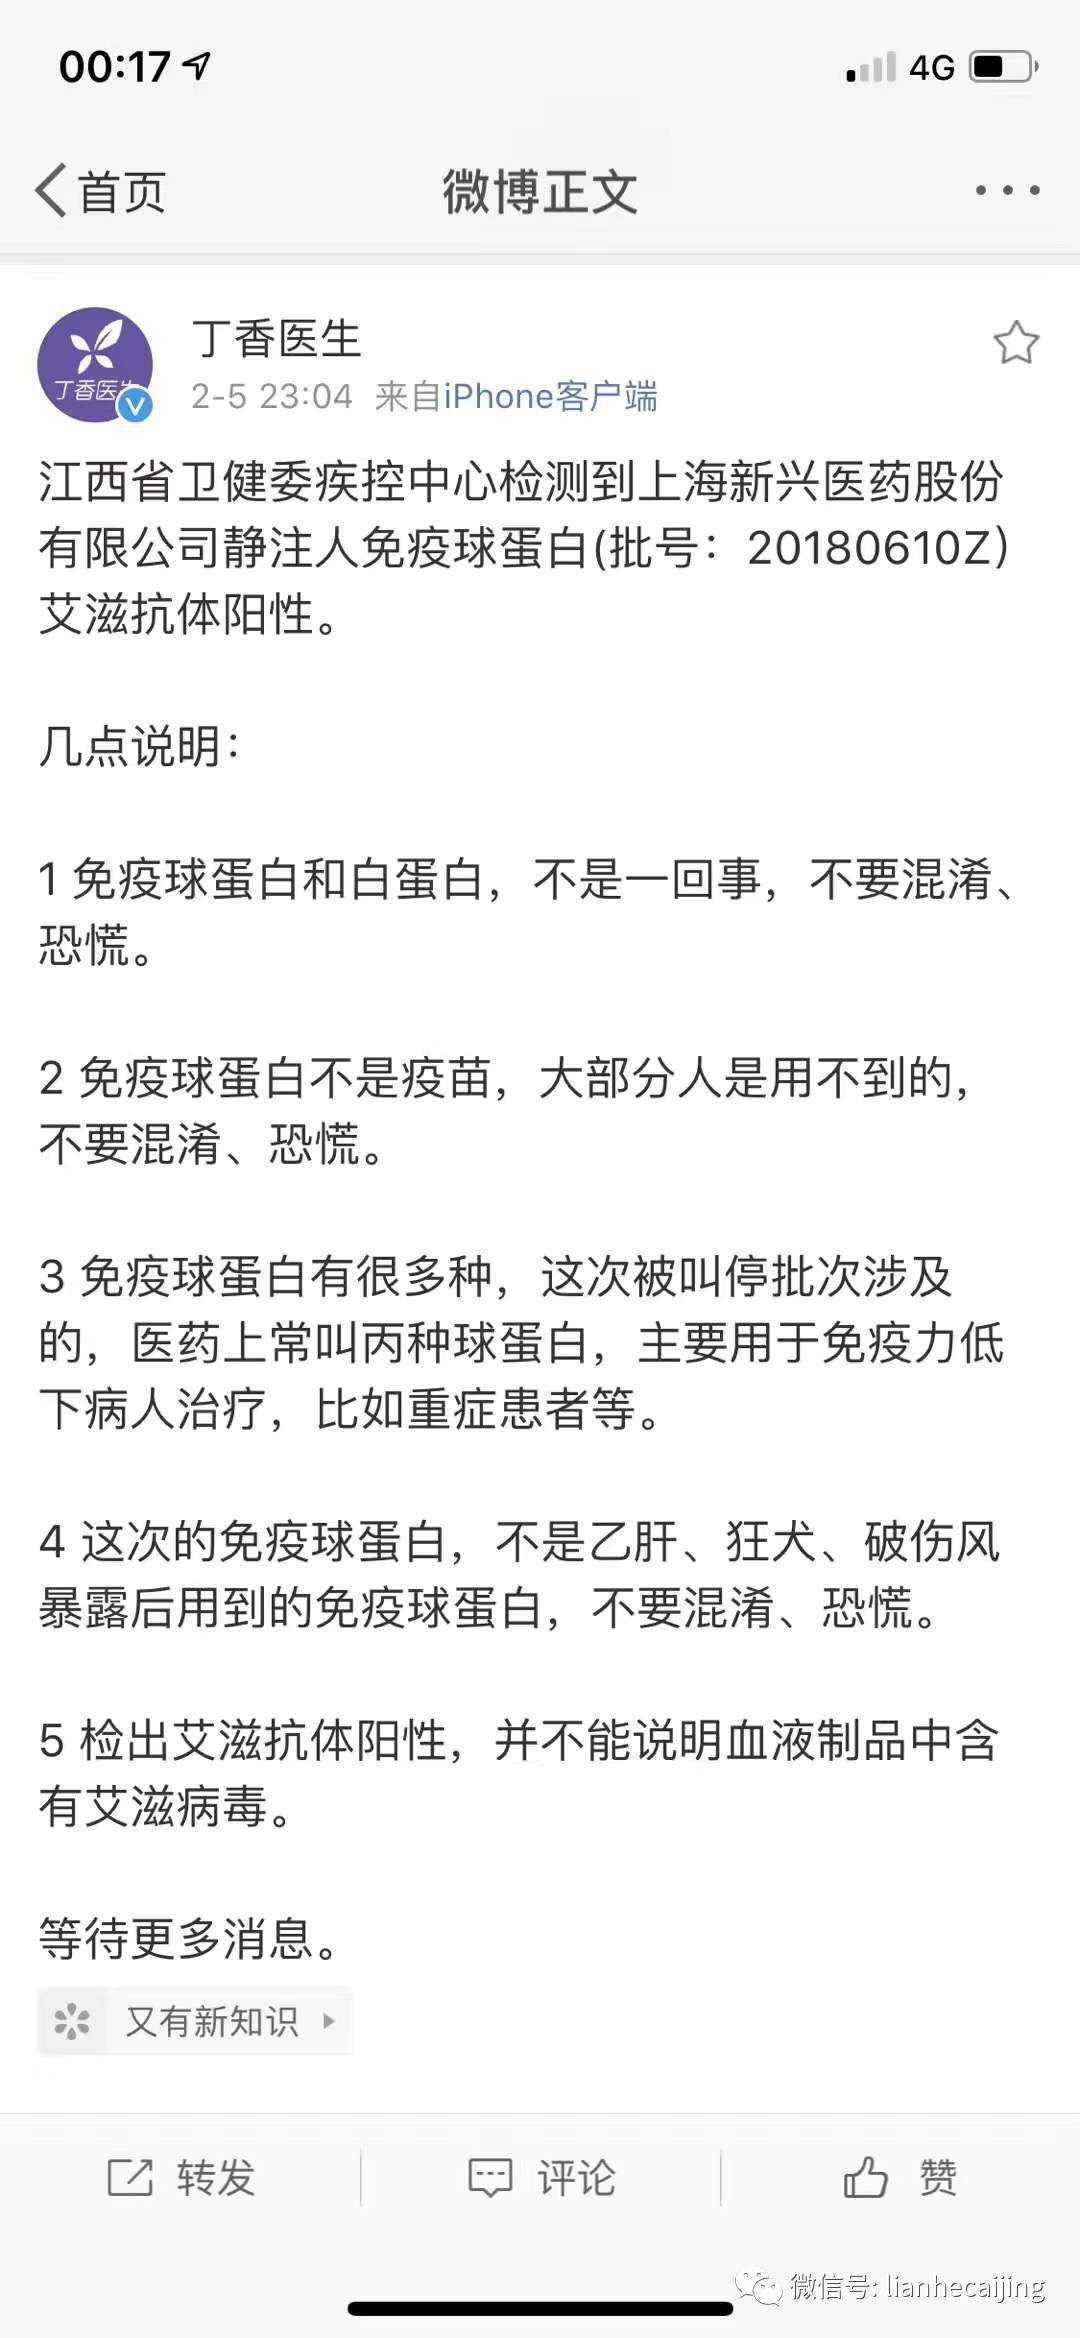 血液制品艾滋阴影 解放日报曾撰文上海新兴靠5万贷款起家